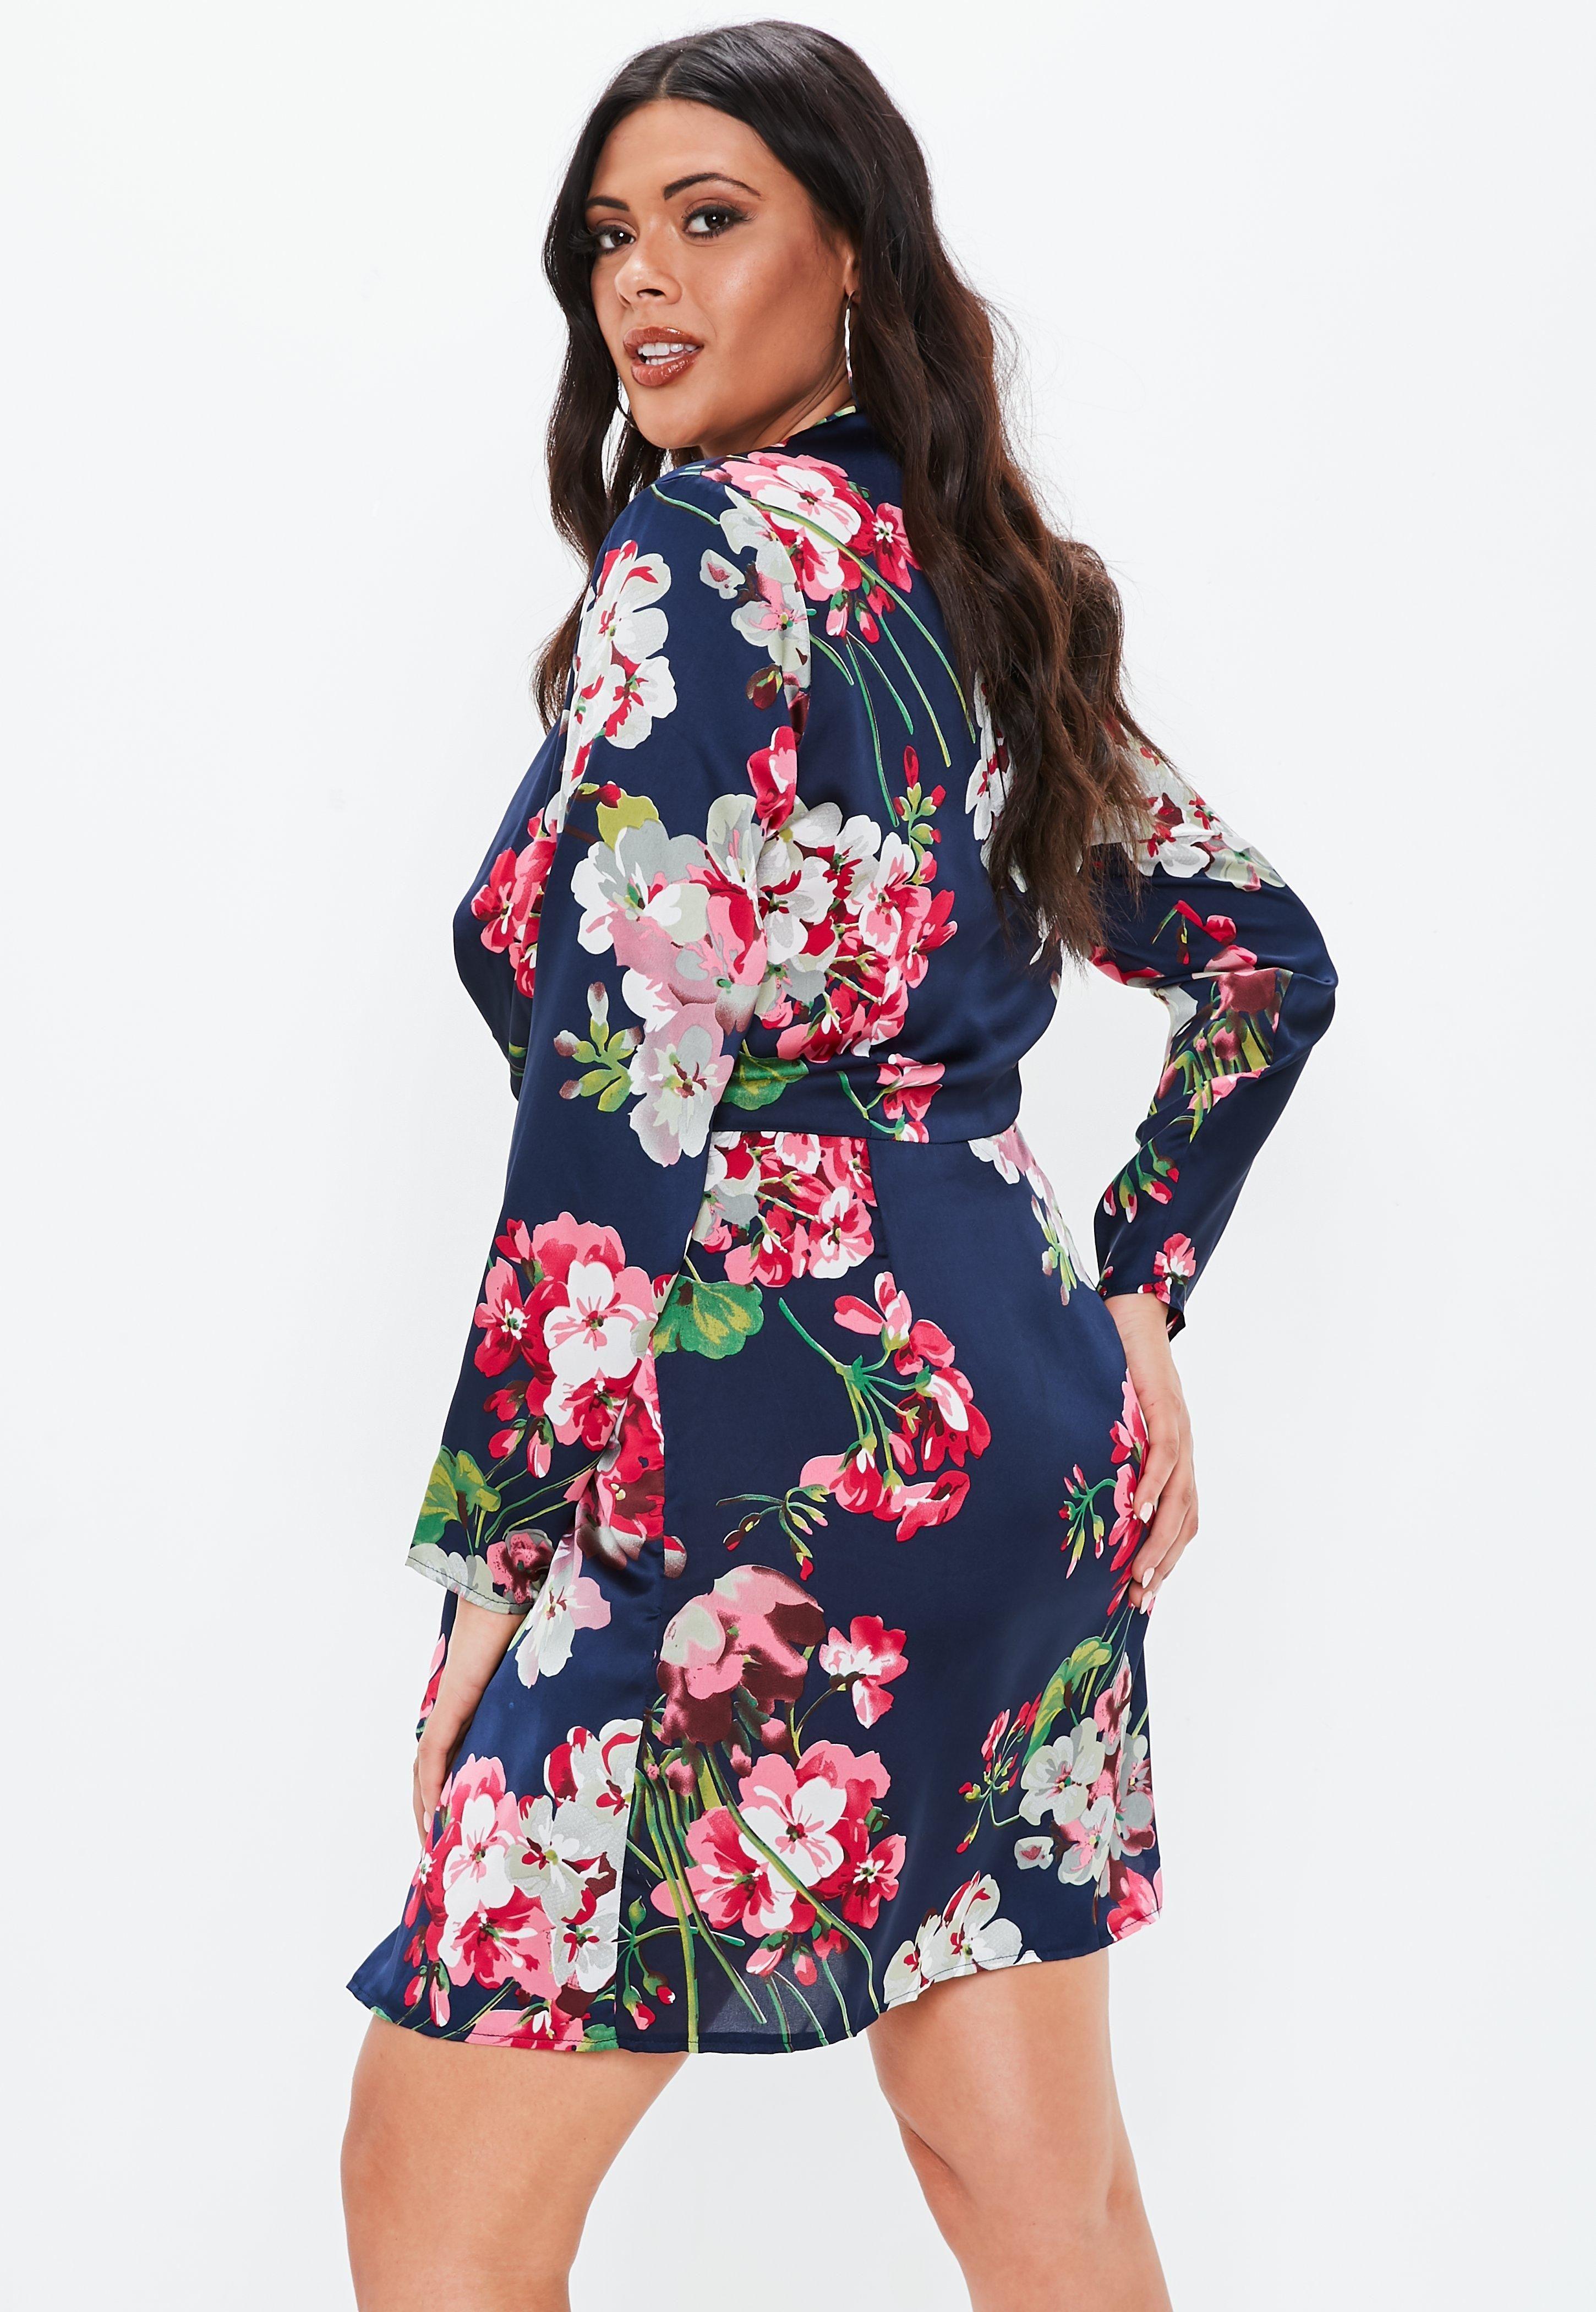 b680c3d482de Plus Size Navy Floral Twist Front Dress #Sponsored #Floral, #Ad, #Navy, # Size